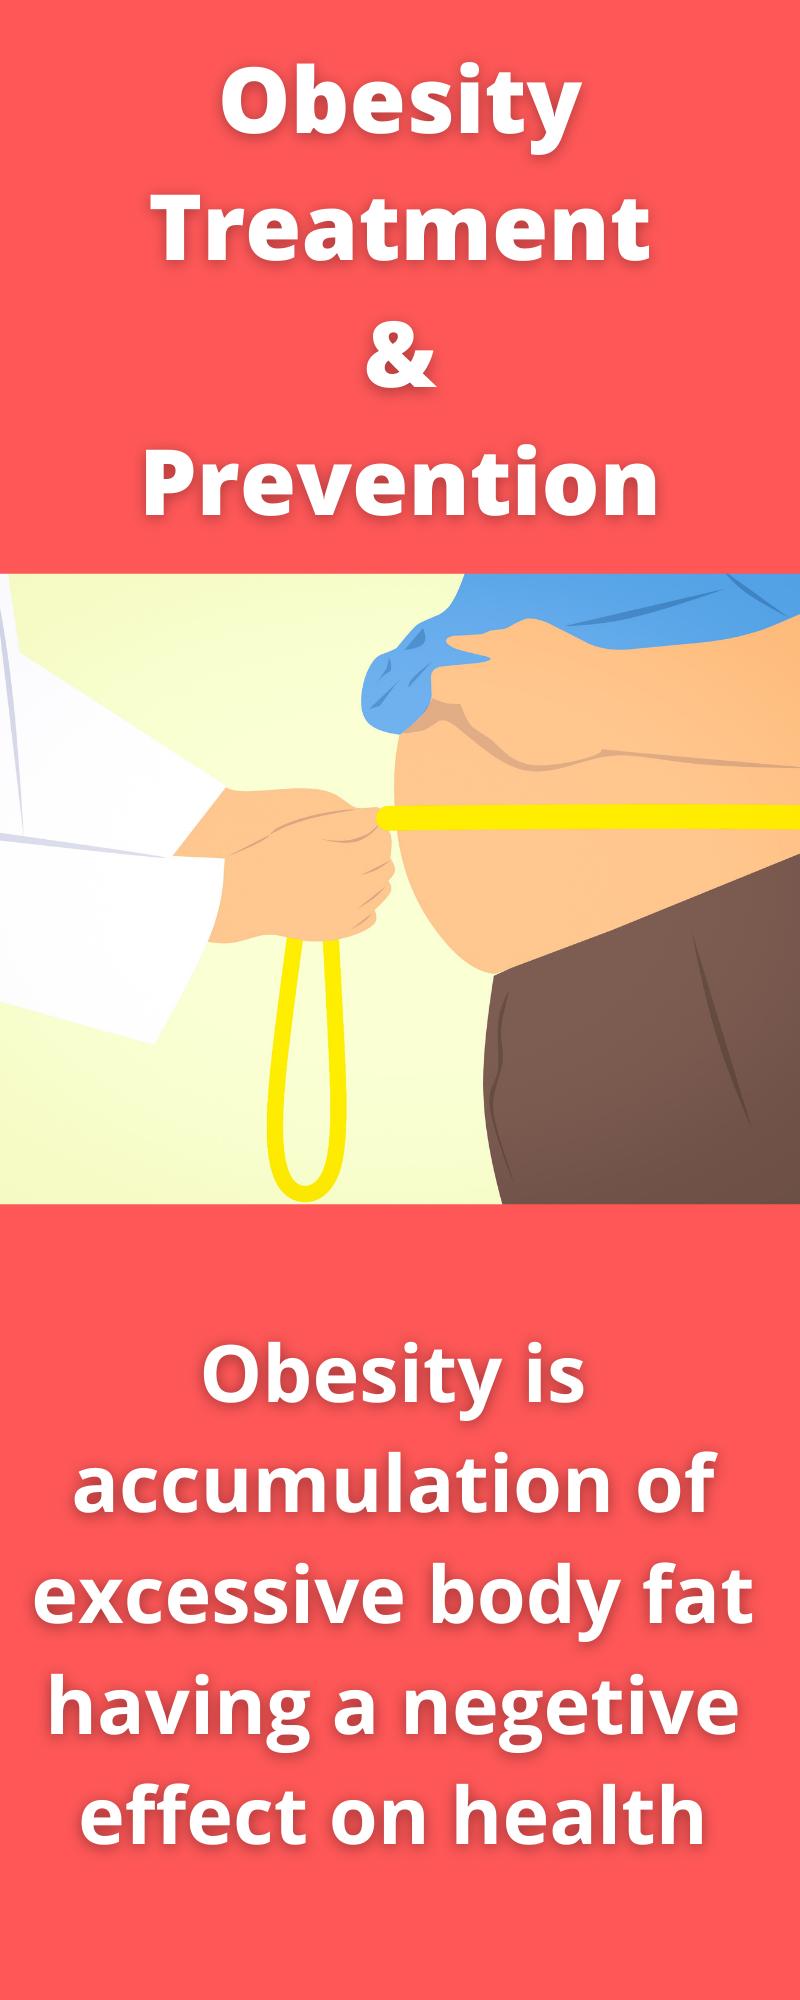 Obesity Treatment London